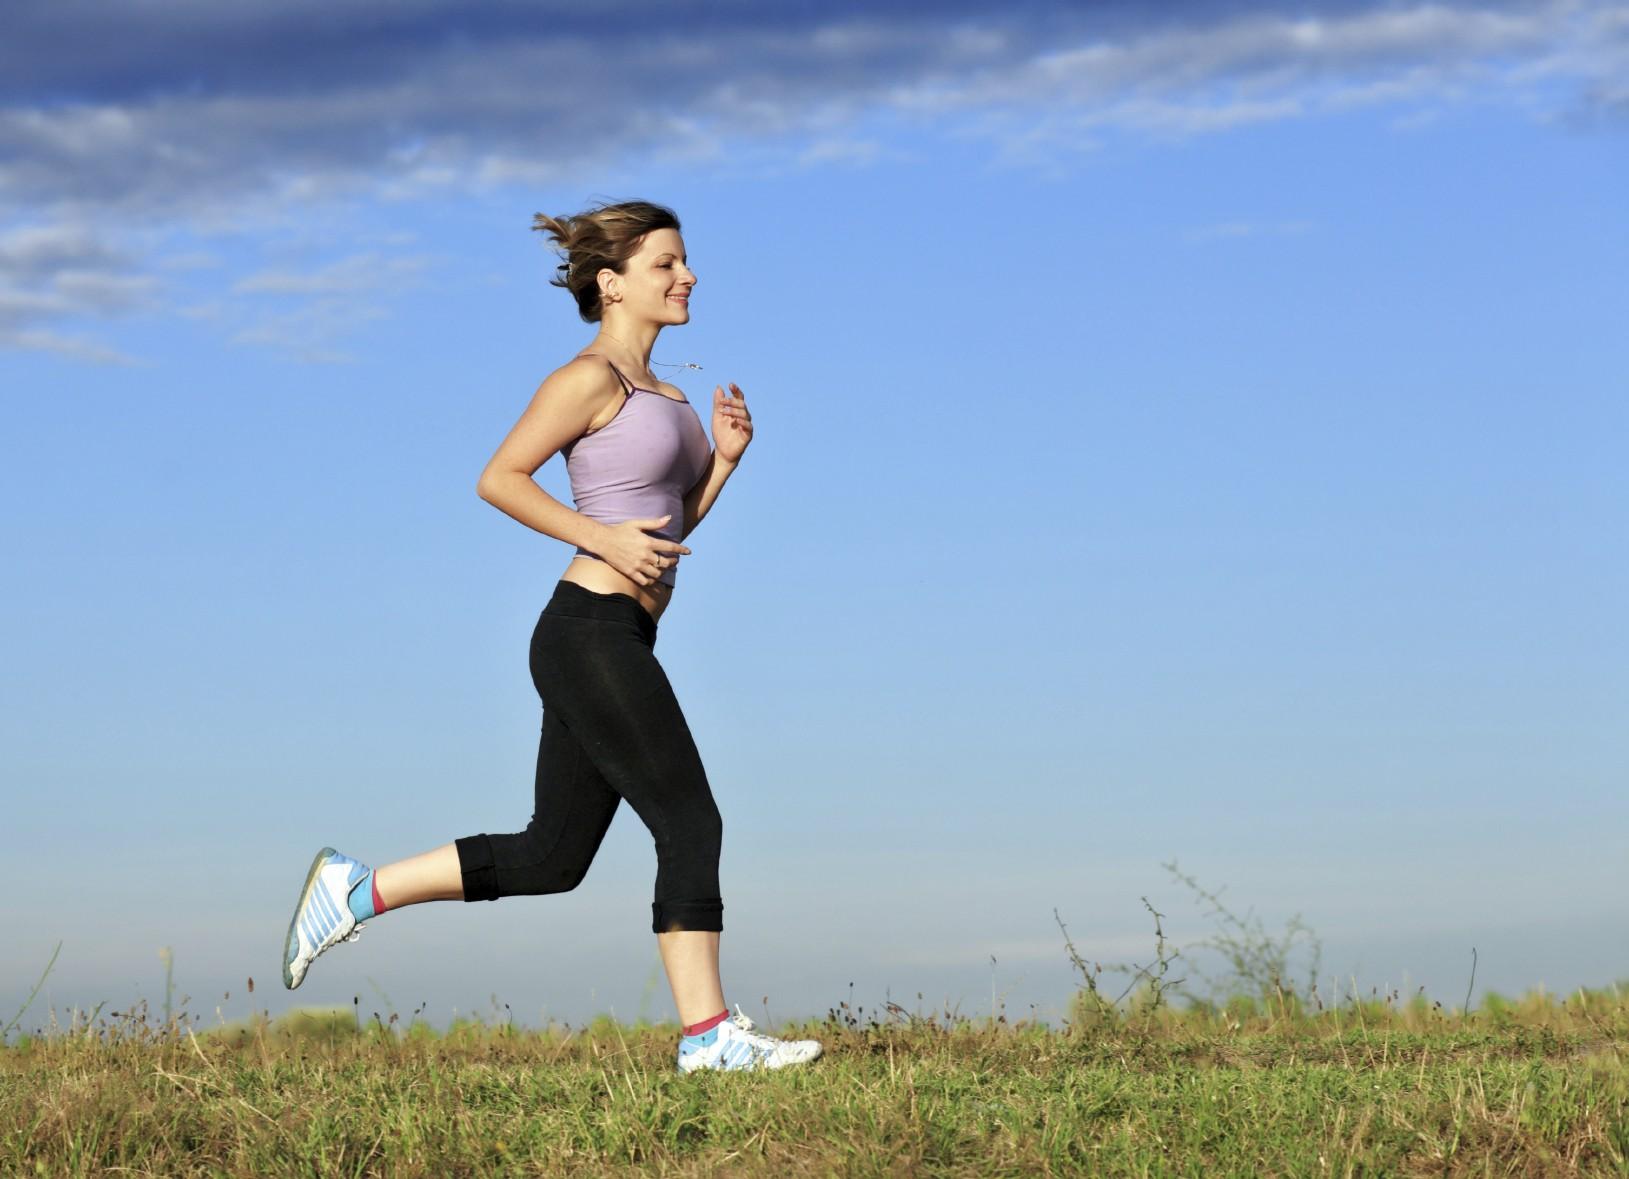 magas vérnyomású ugrókötél adaptogén hipertónia